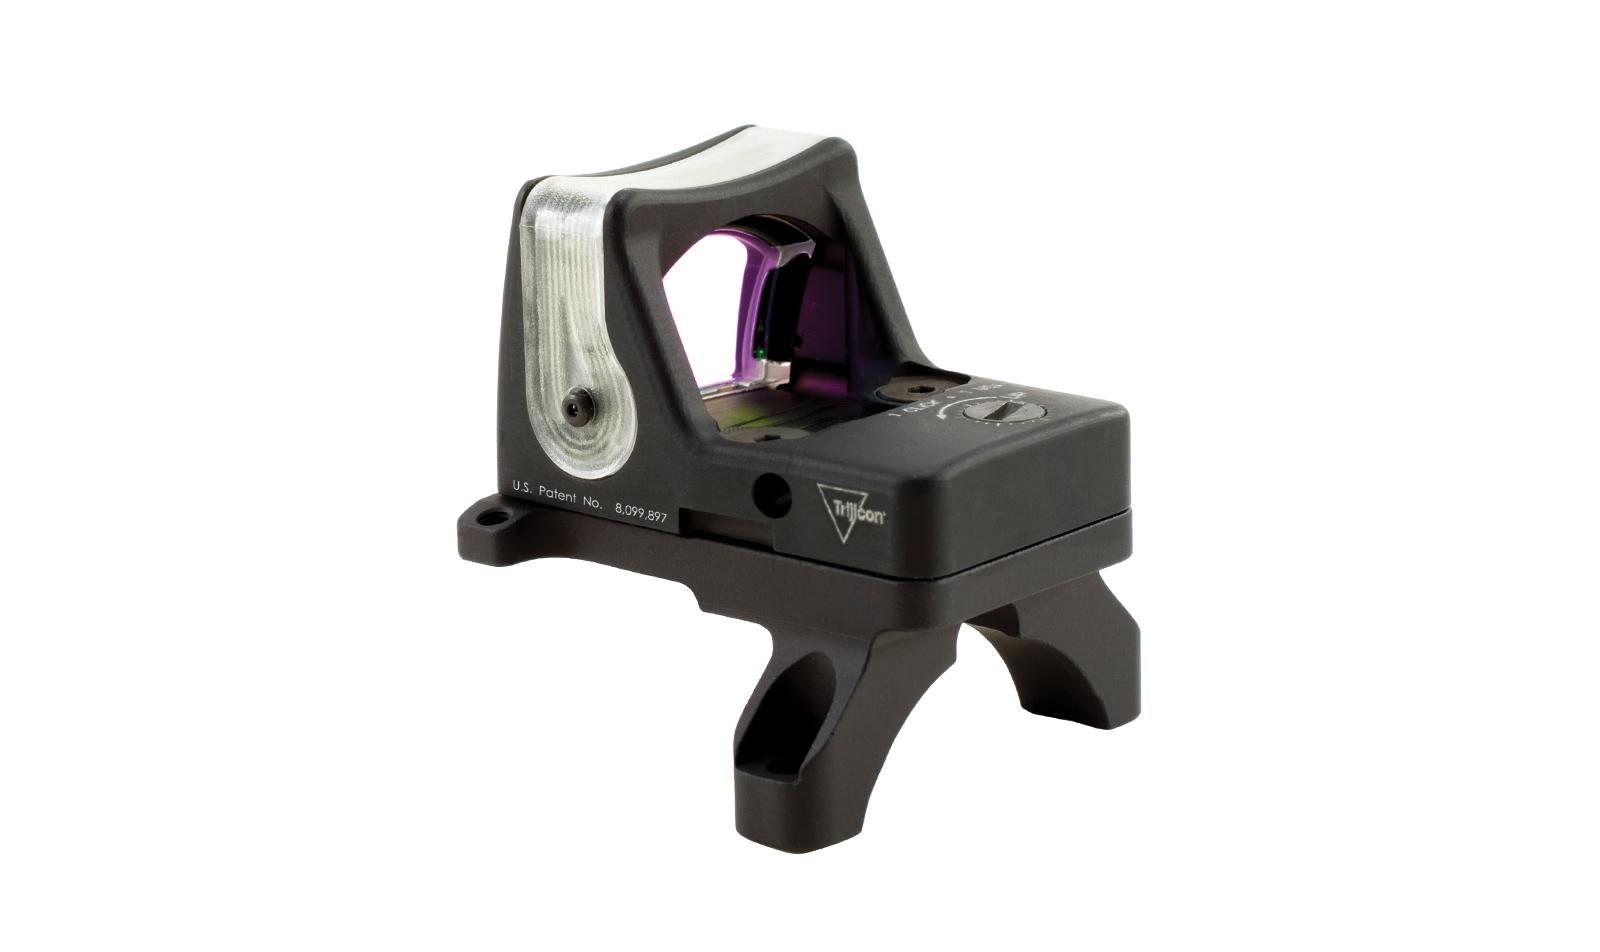 RM05-35 angle 2